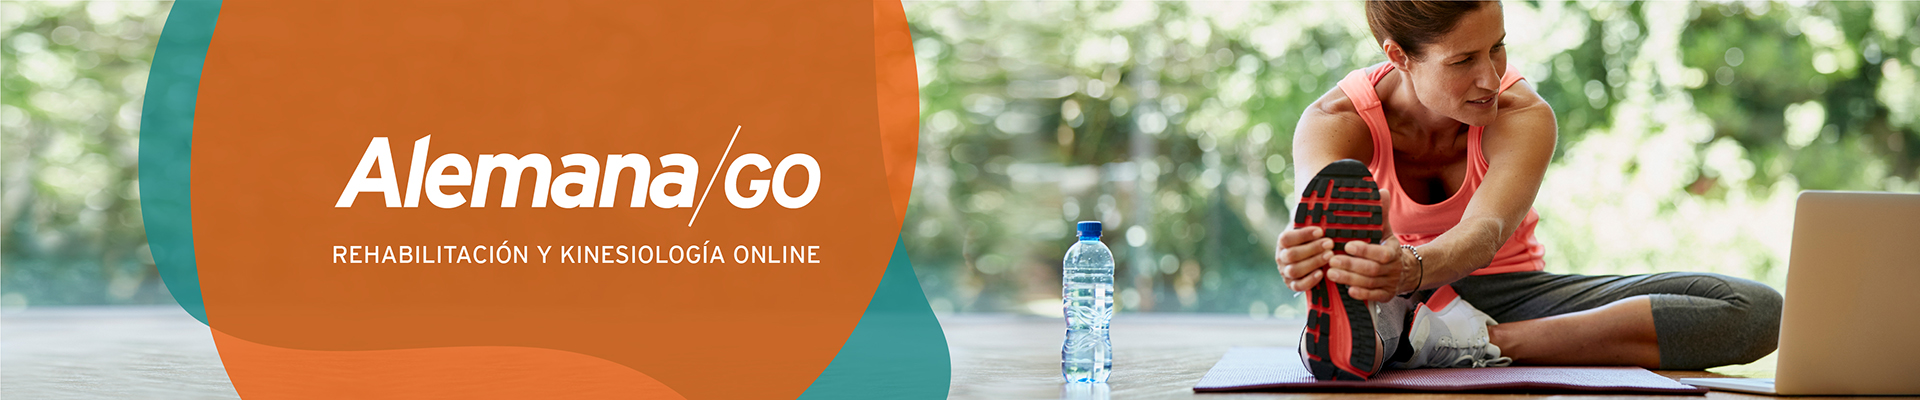 Rehabilitacion y Kinesiología Online